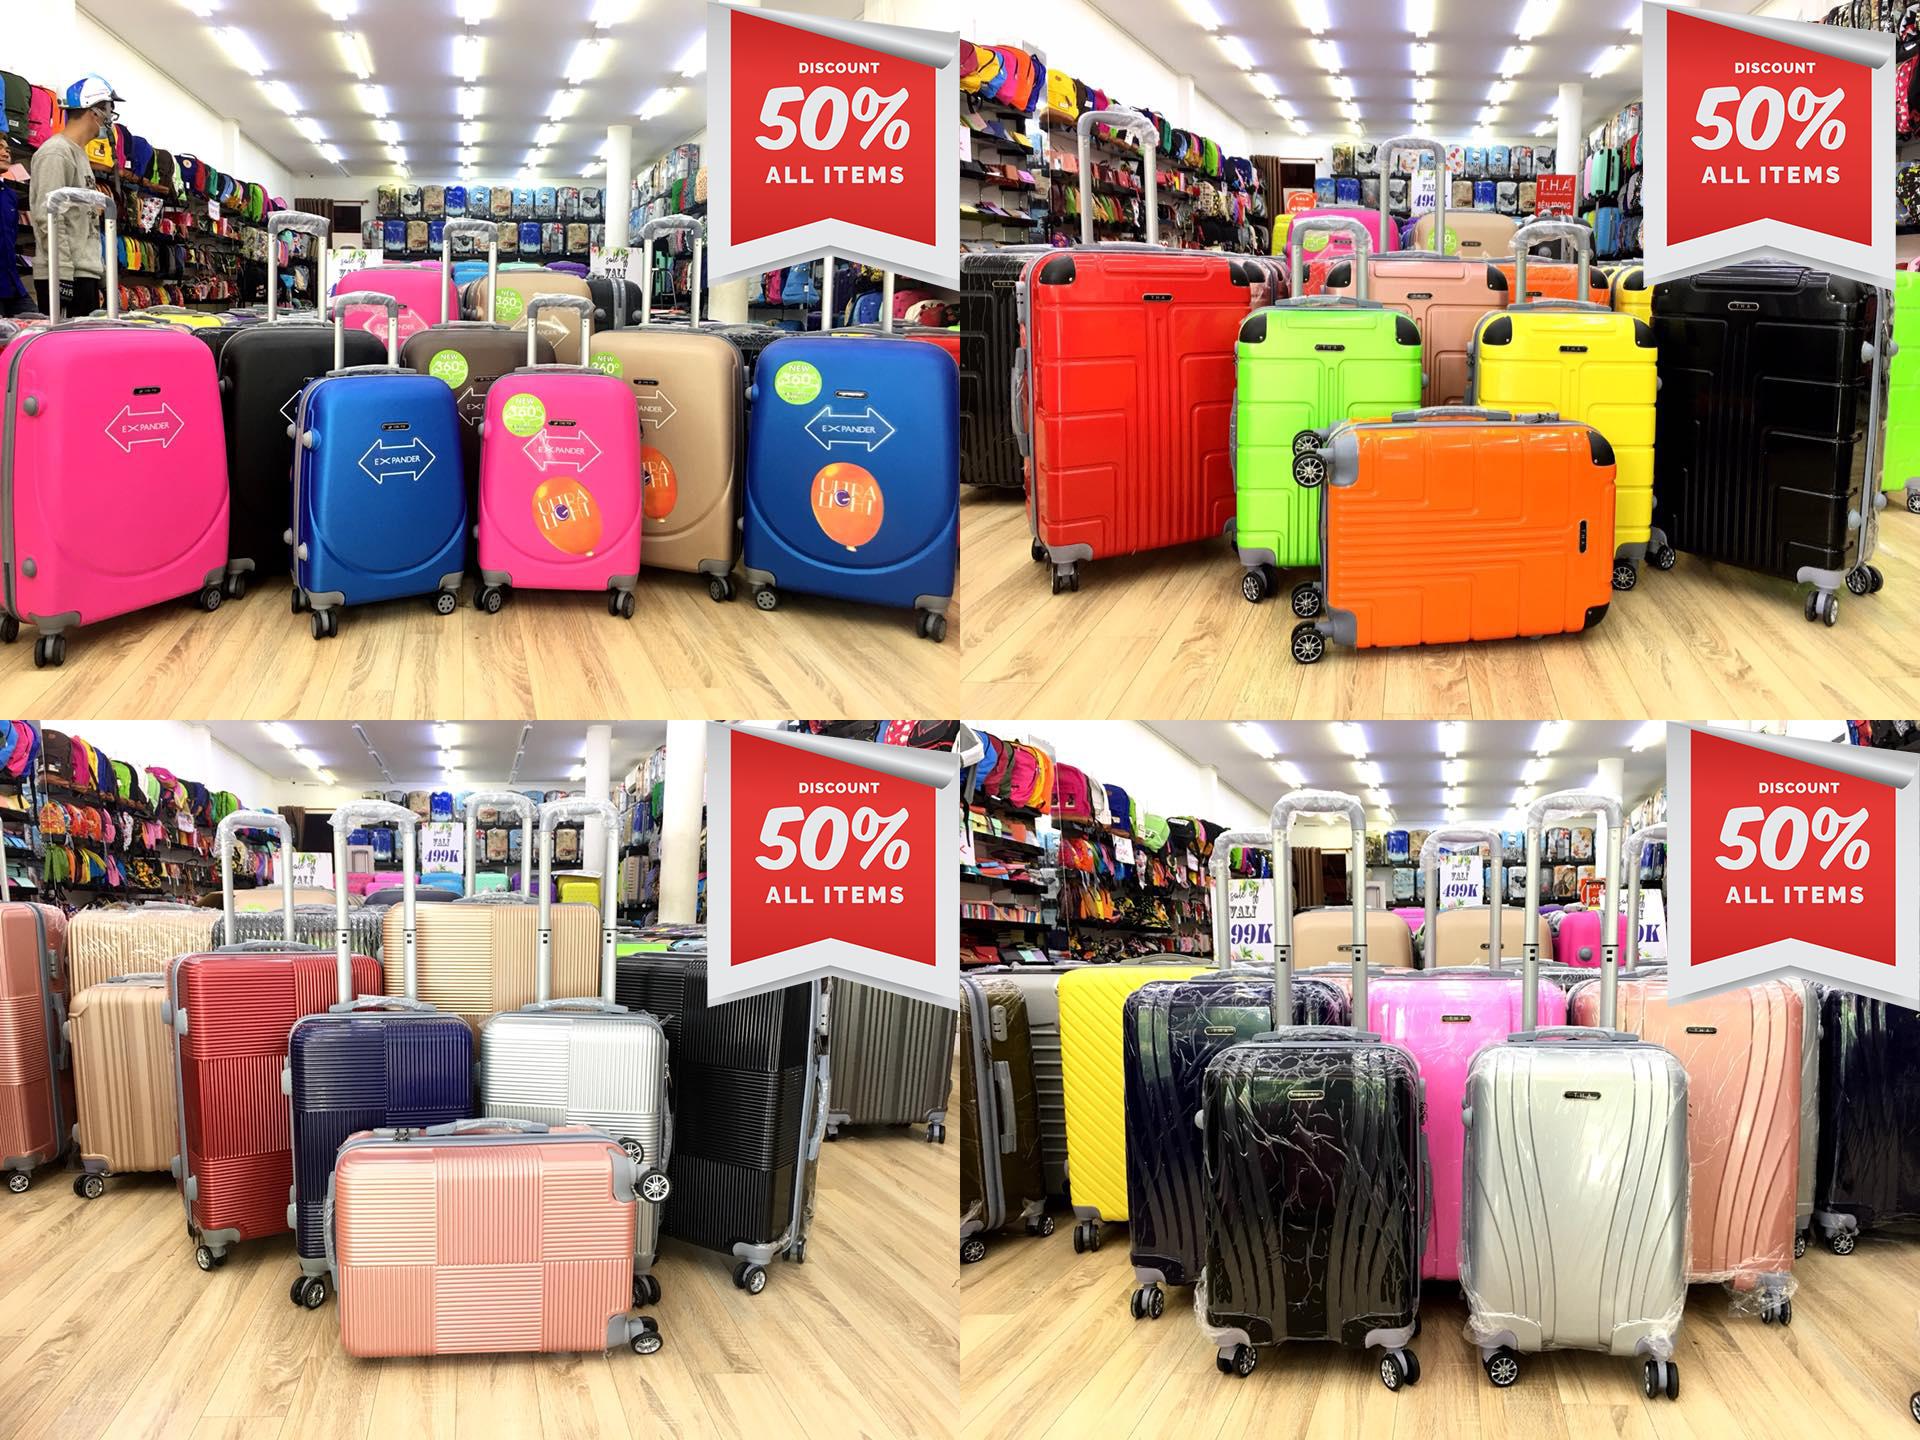 T.H.A Store tung khuyến mãi cực sốc cho vali du lịch, giá chỉ 350k - Ảnh 5.